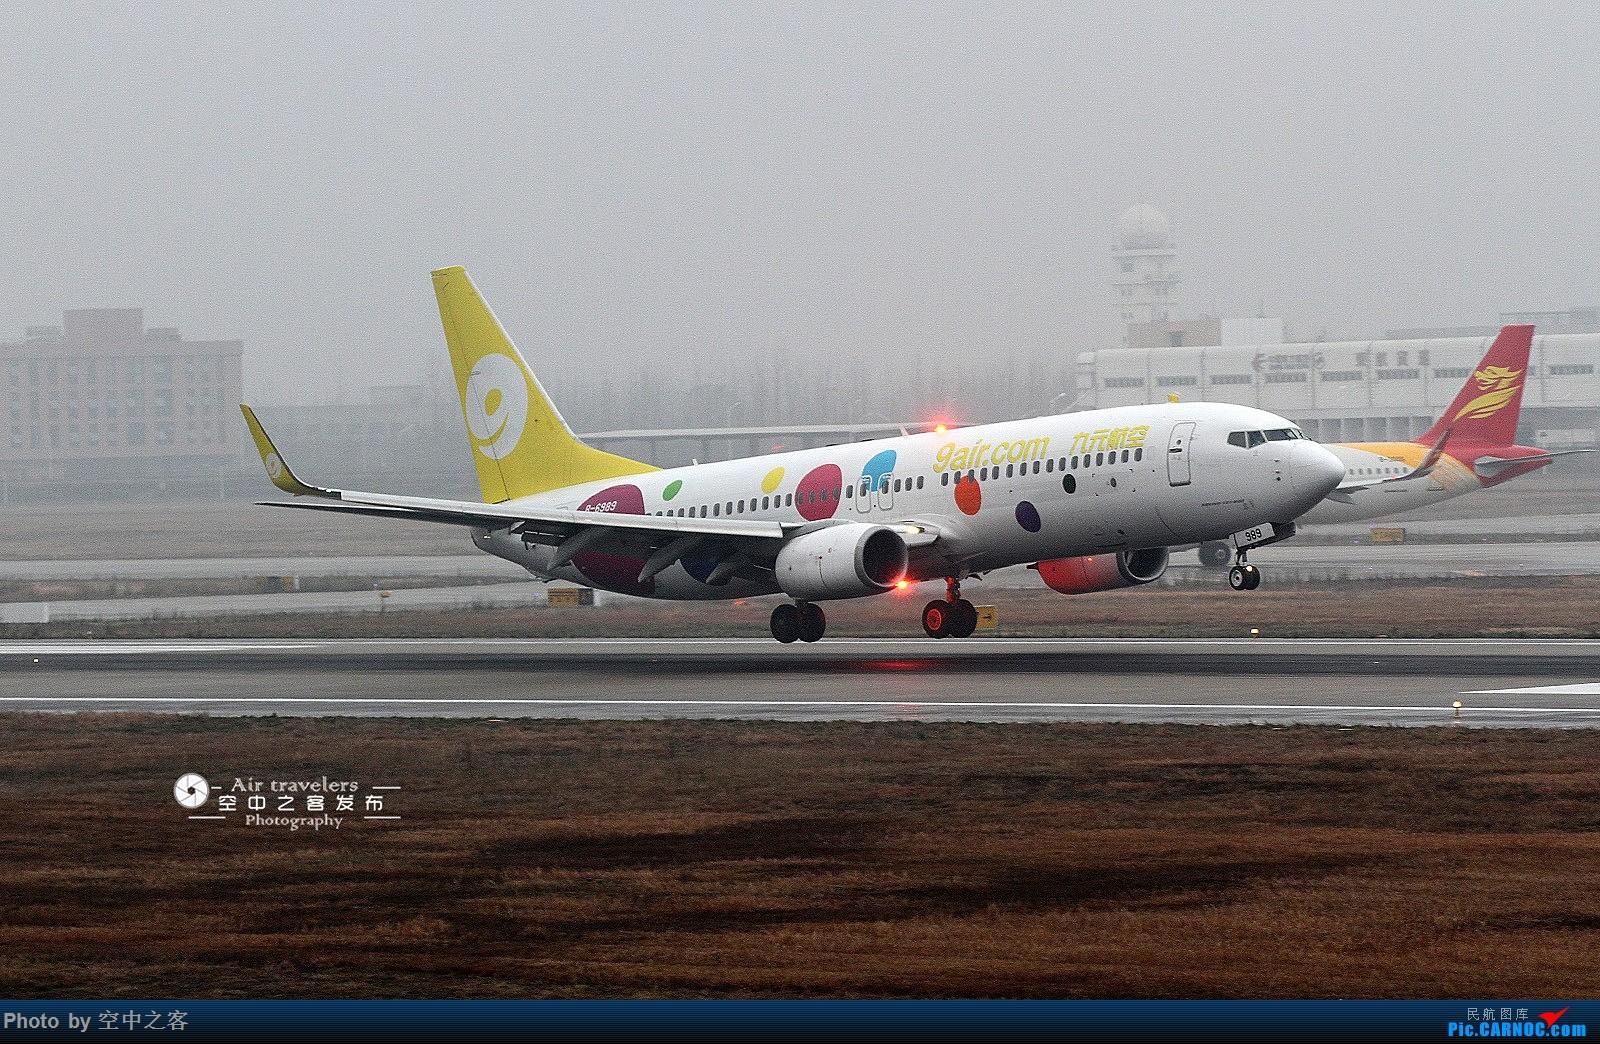 Re:[原创][合肥飞友会·霸都打机队·空中之客发布]补上2018还漏了几张没发 BOEING 737-800 B-6989 合肥新桥国际机场